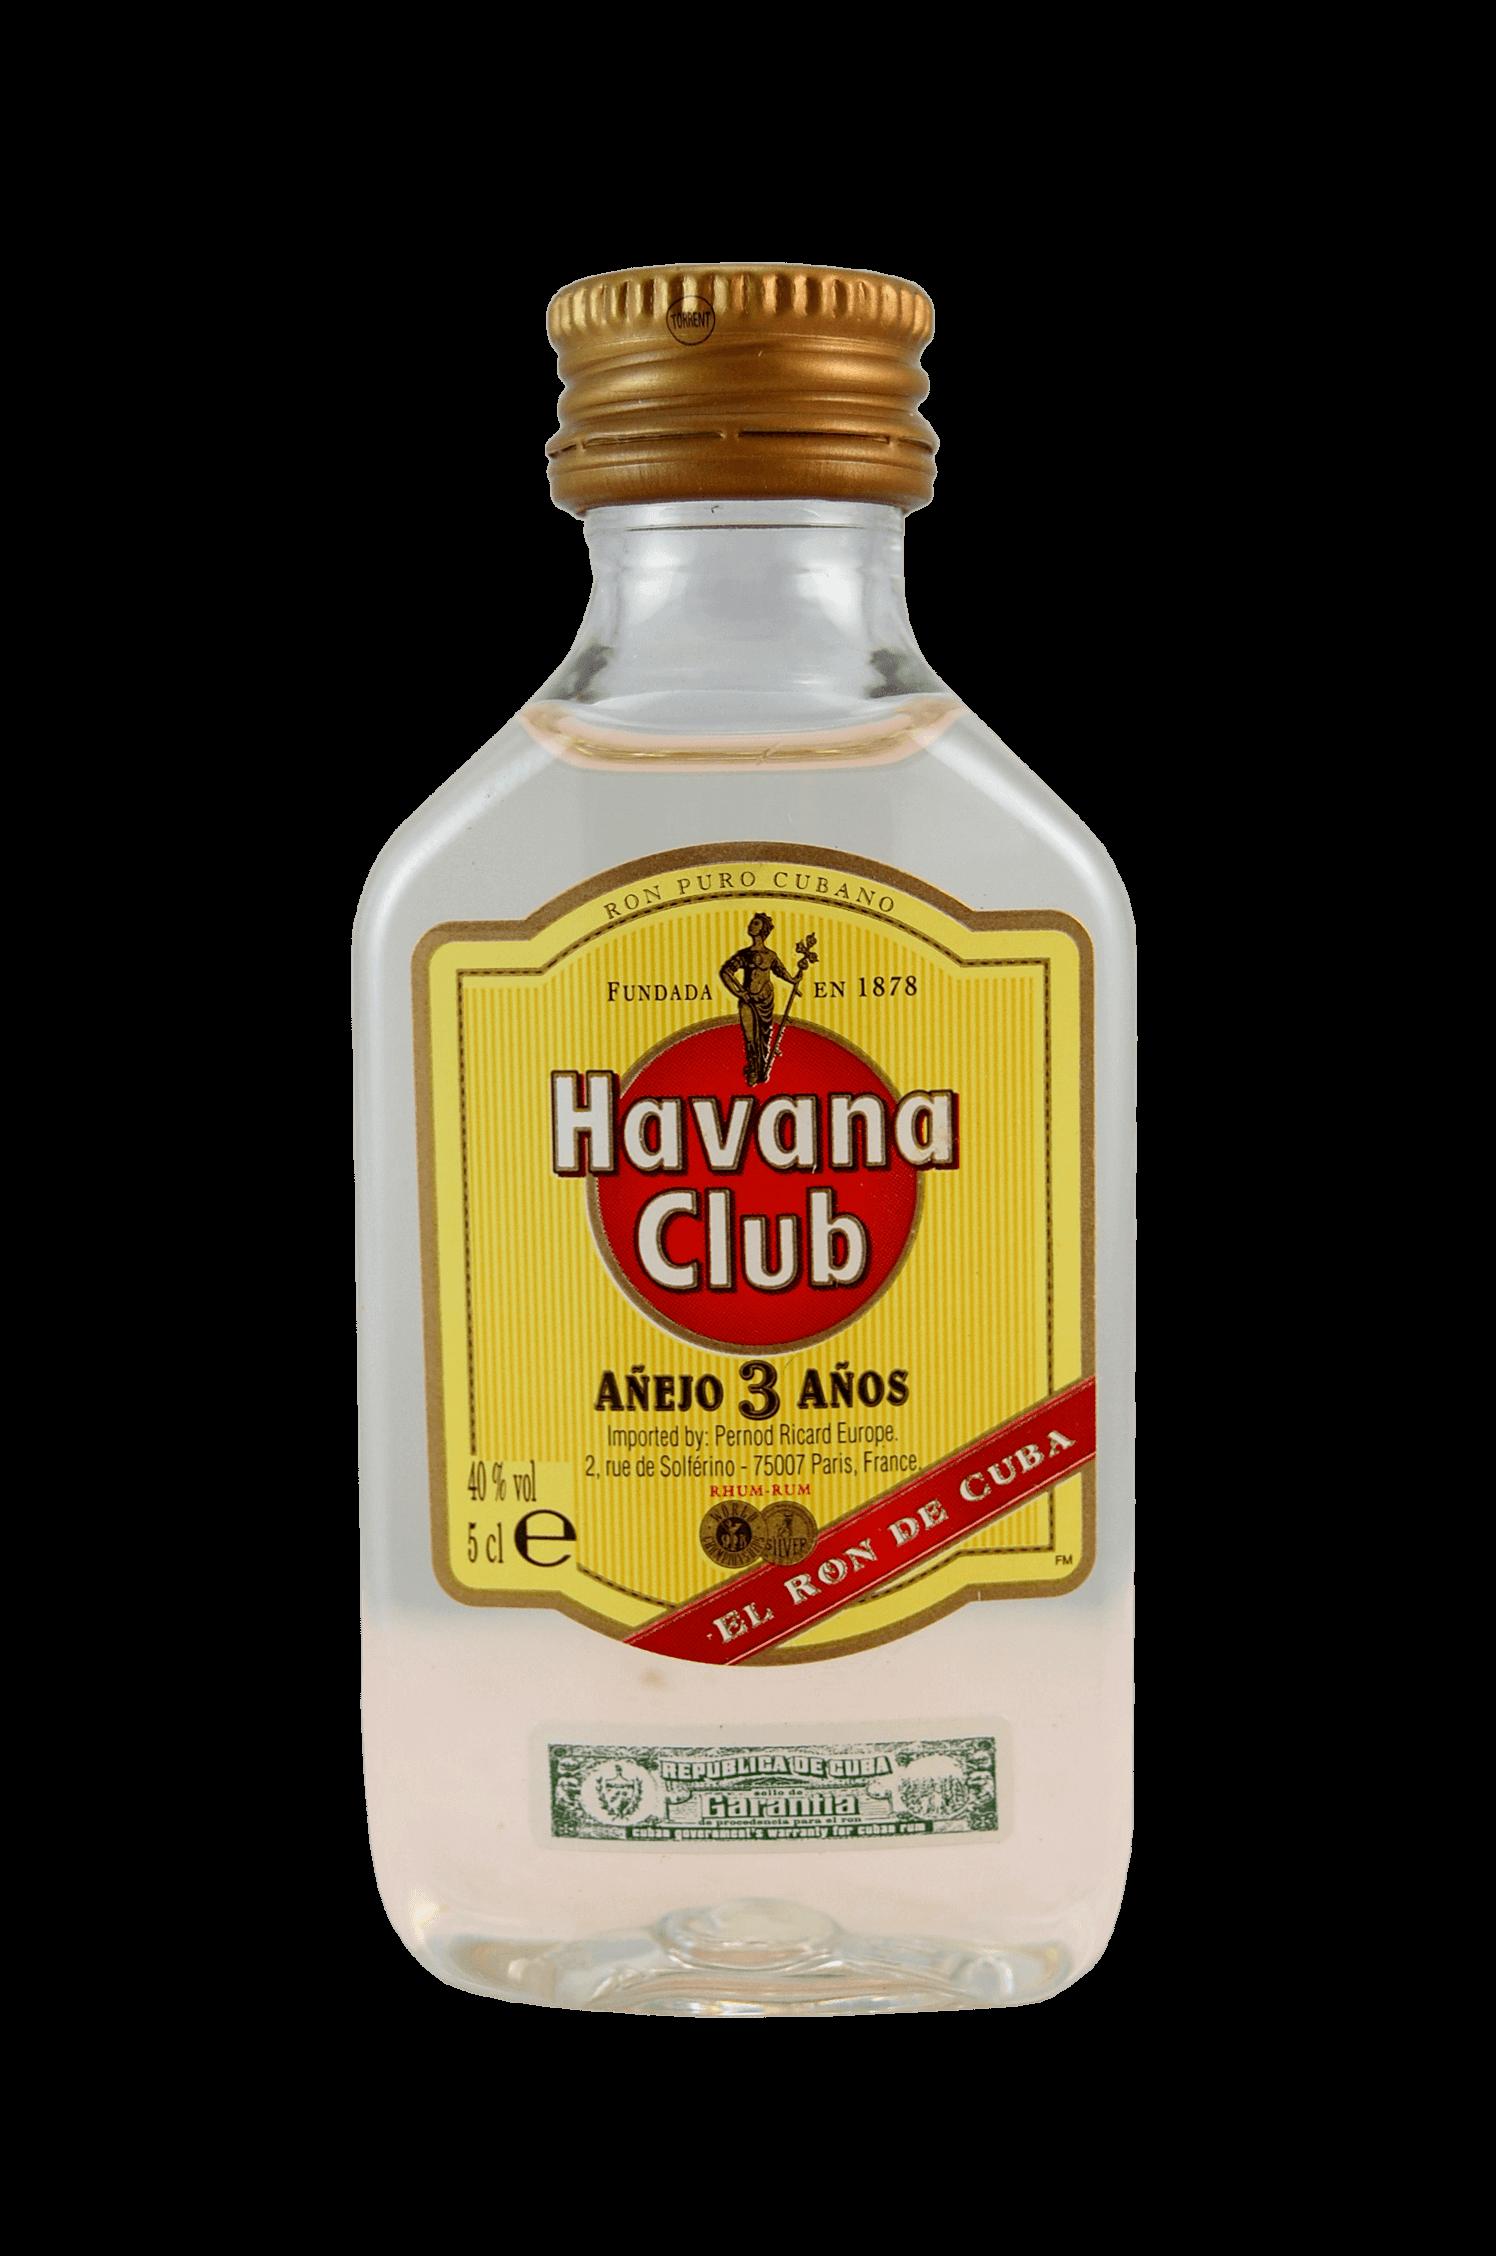 Havana Club Aňejo 3 Aňos